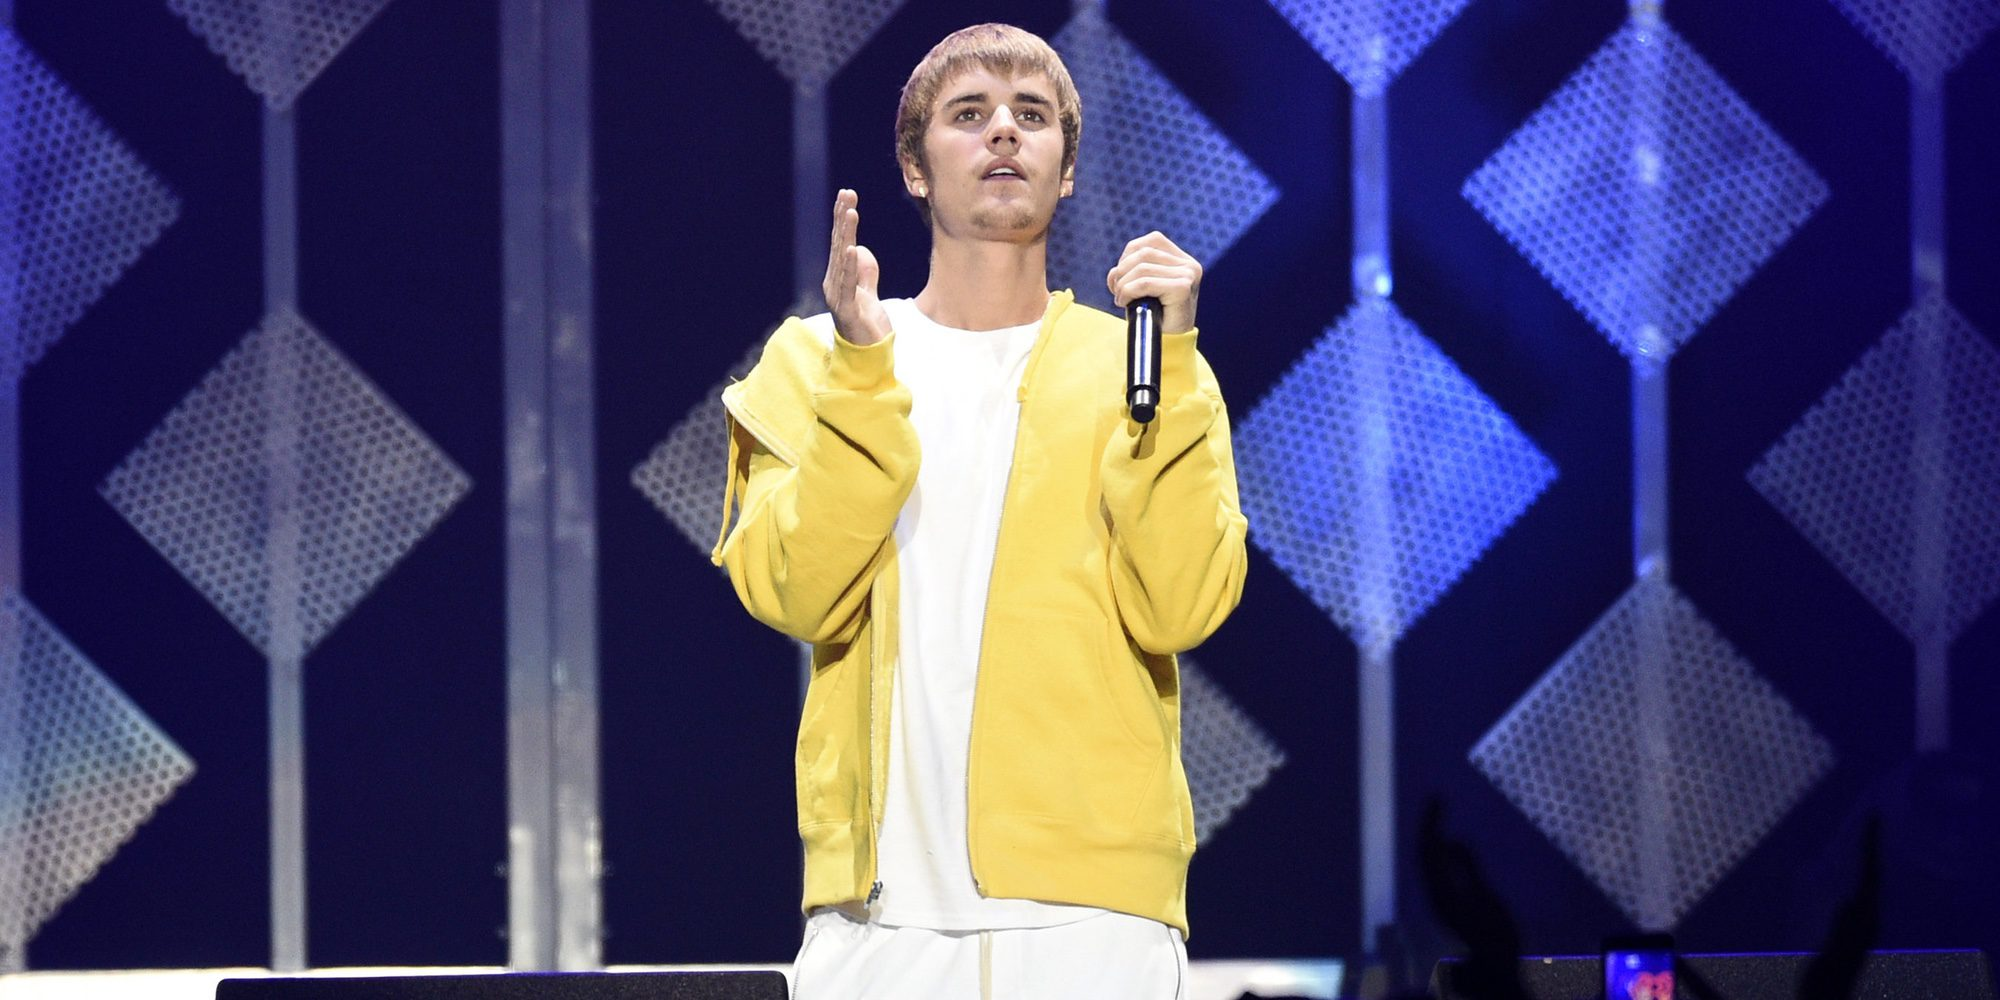 """Justin Bieber, arrepentido de su pasado delictivo: """"No estoy donde solía estar"""""""